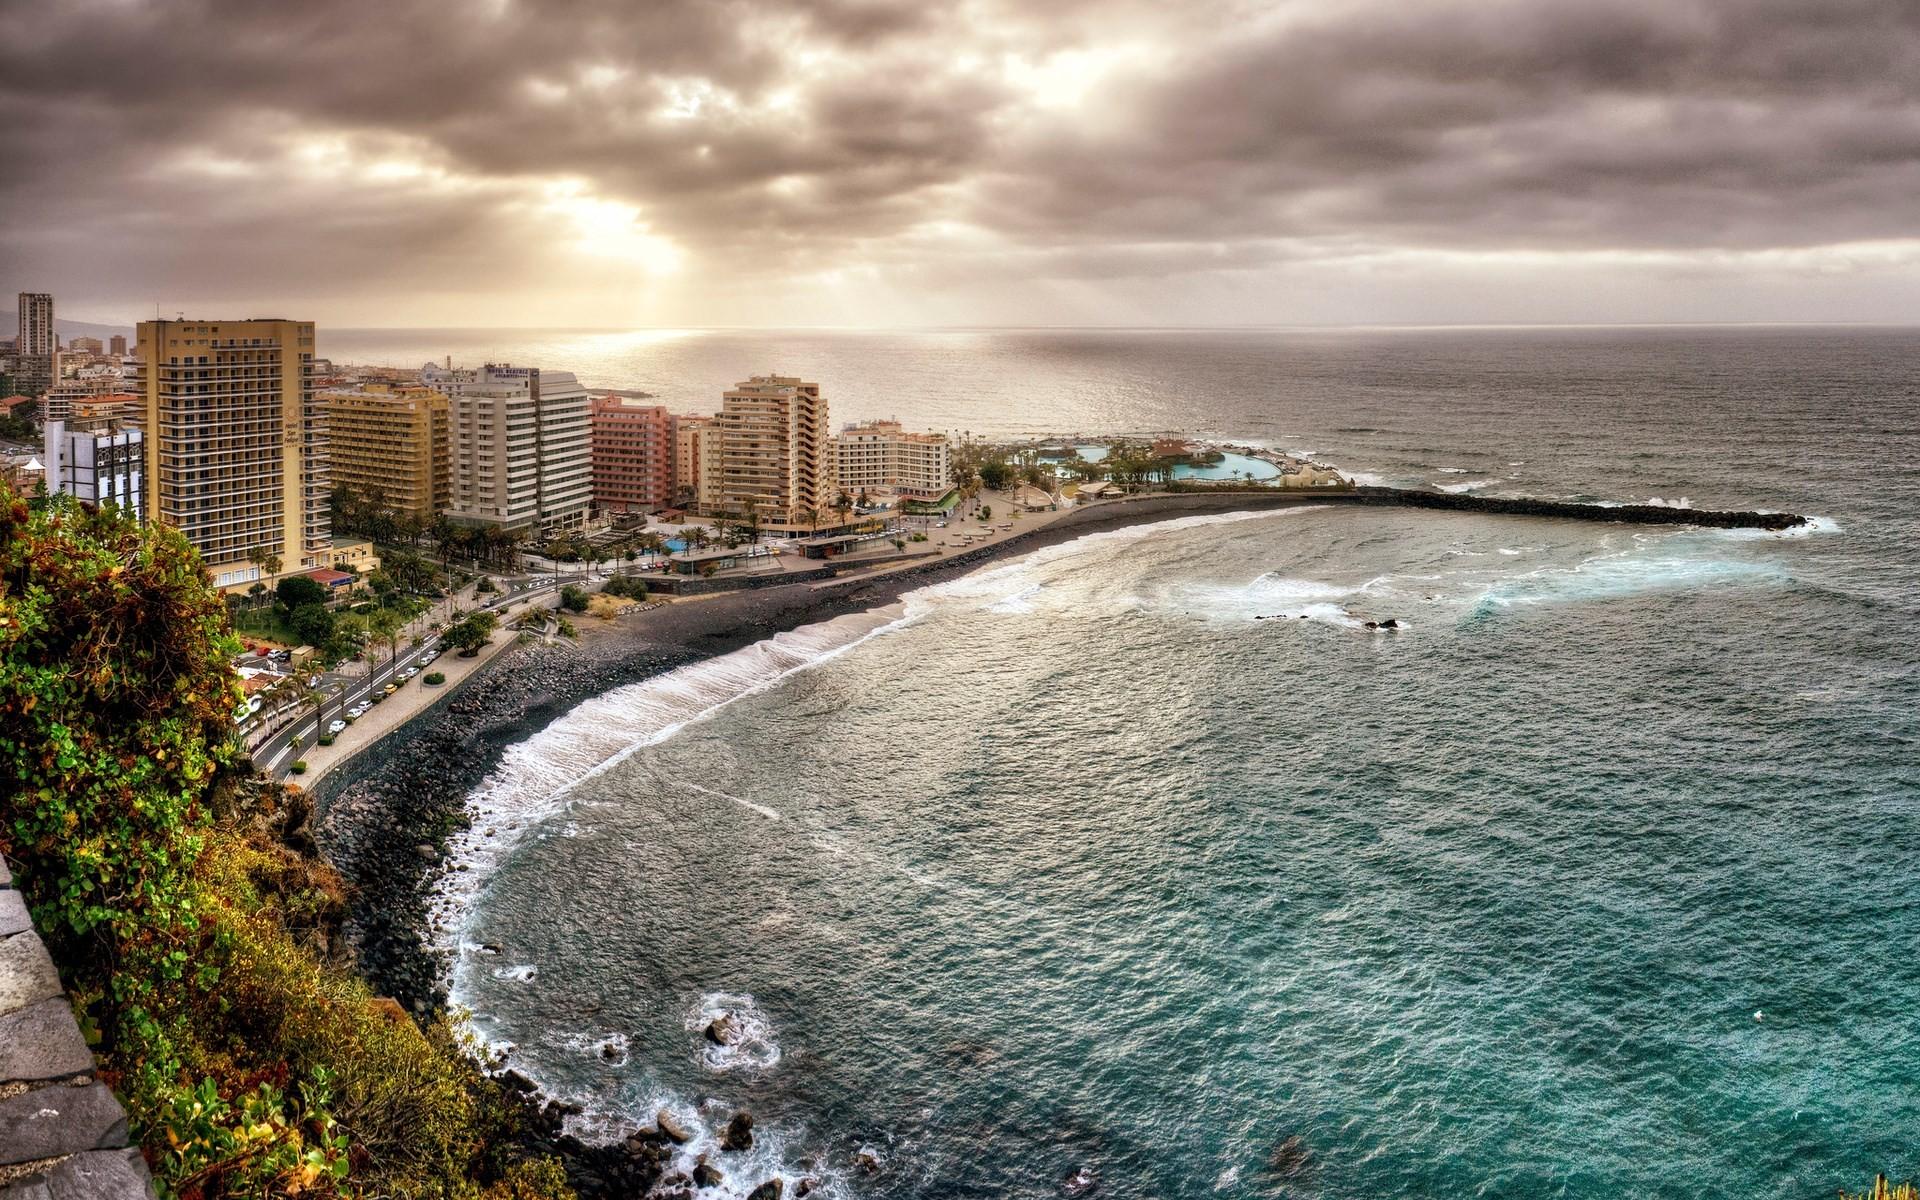 free screensaver wallpapers for puerto rico. puerto de la cruz free